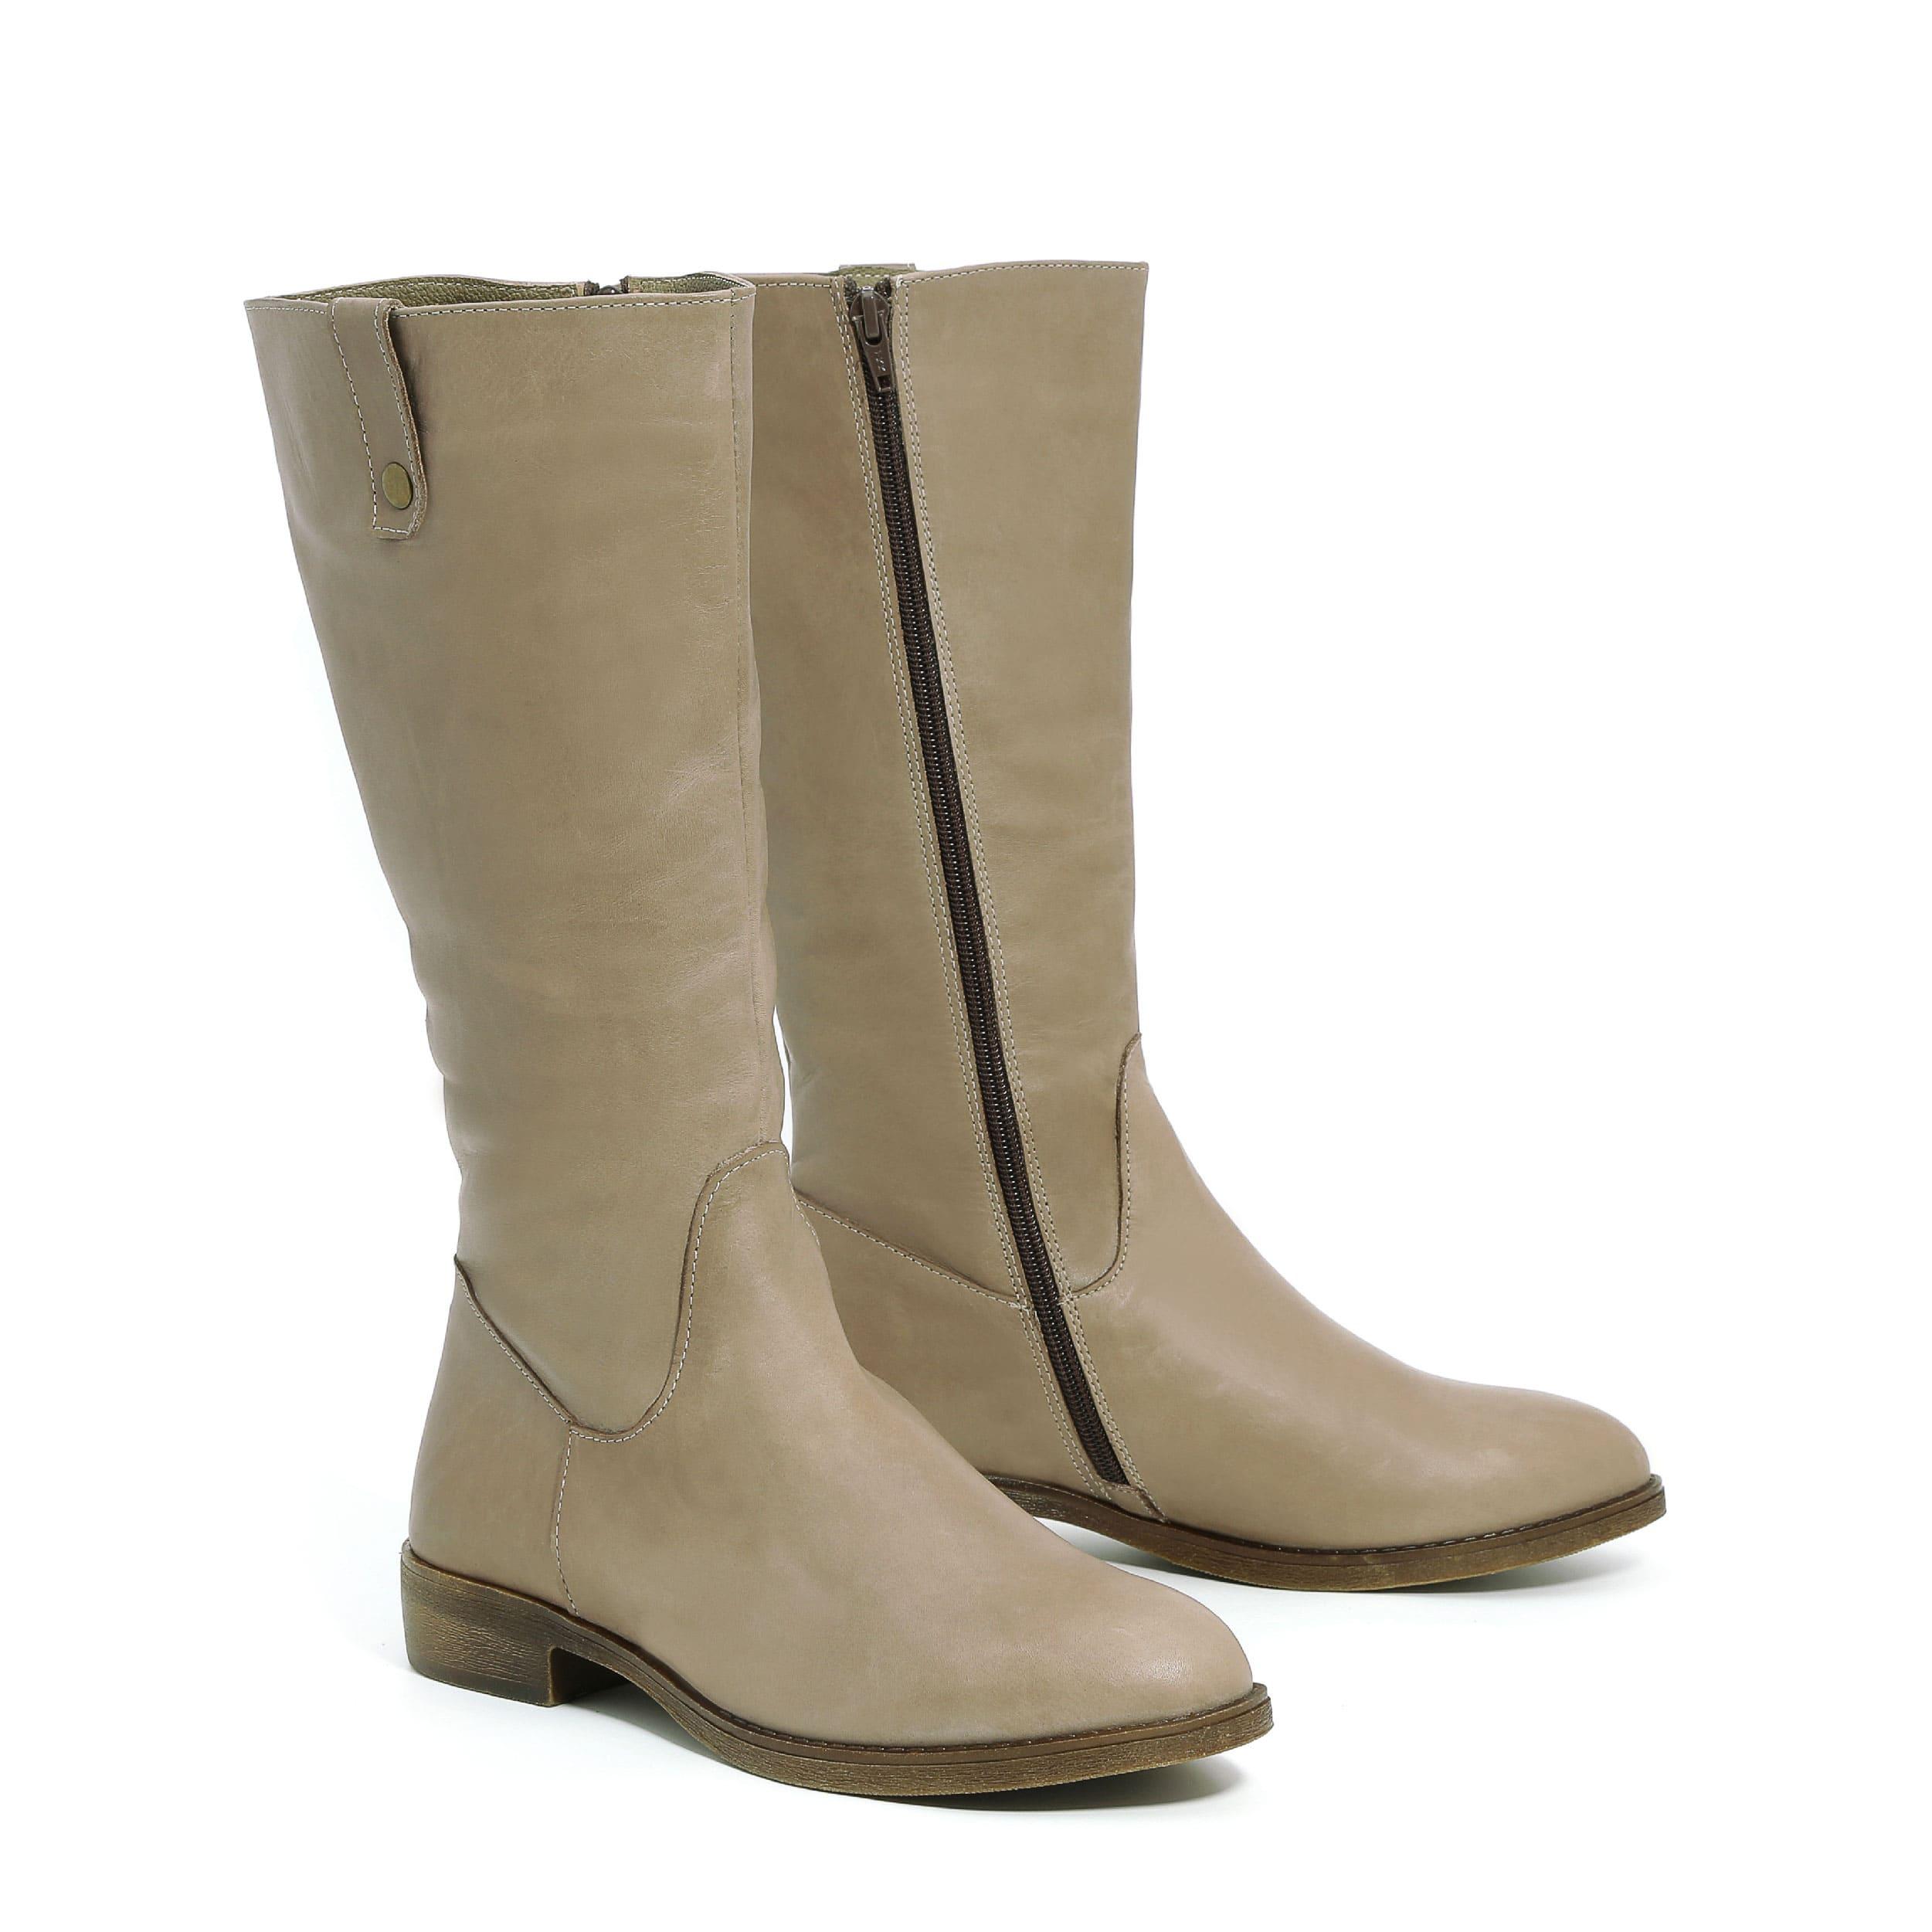 דגם טיה: מגפיים לנשים